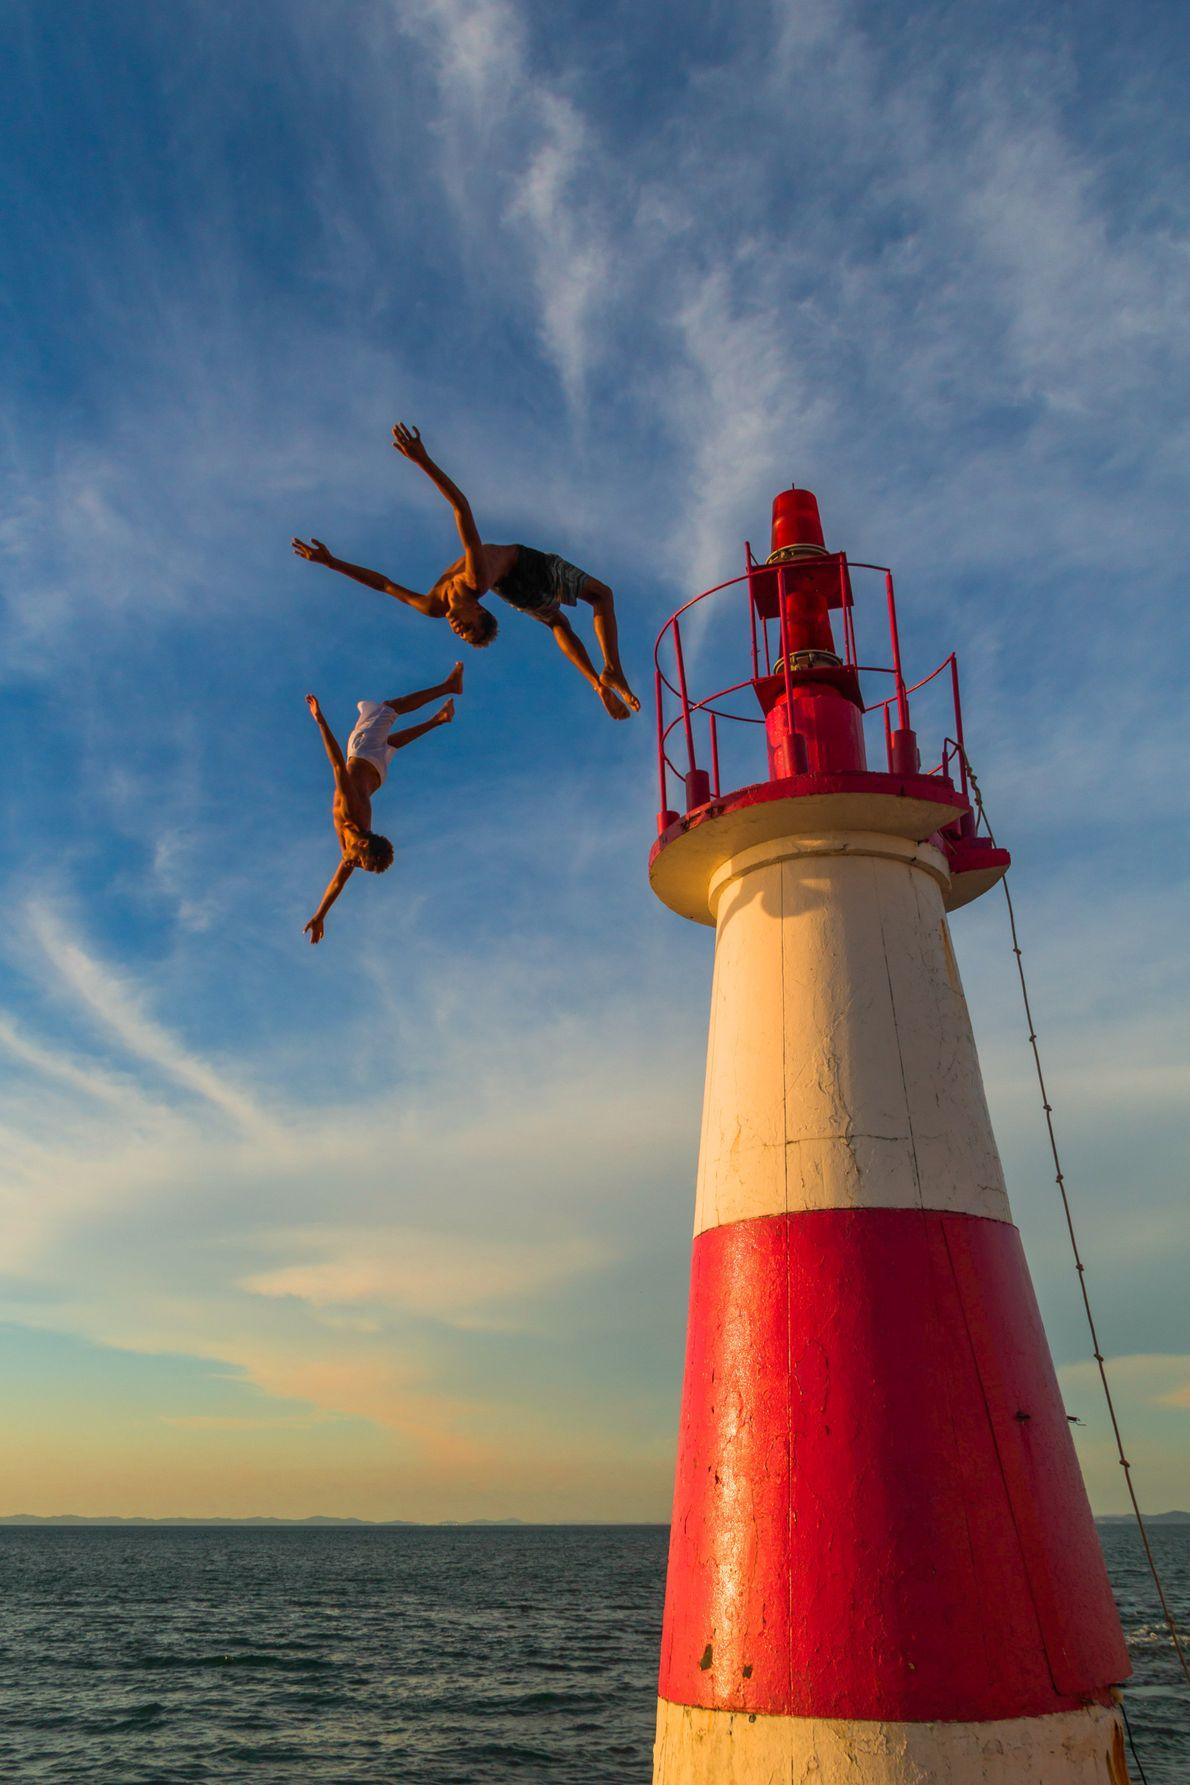 170929-sua-foto-salto-farol